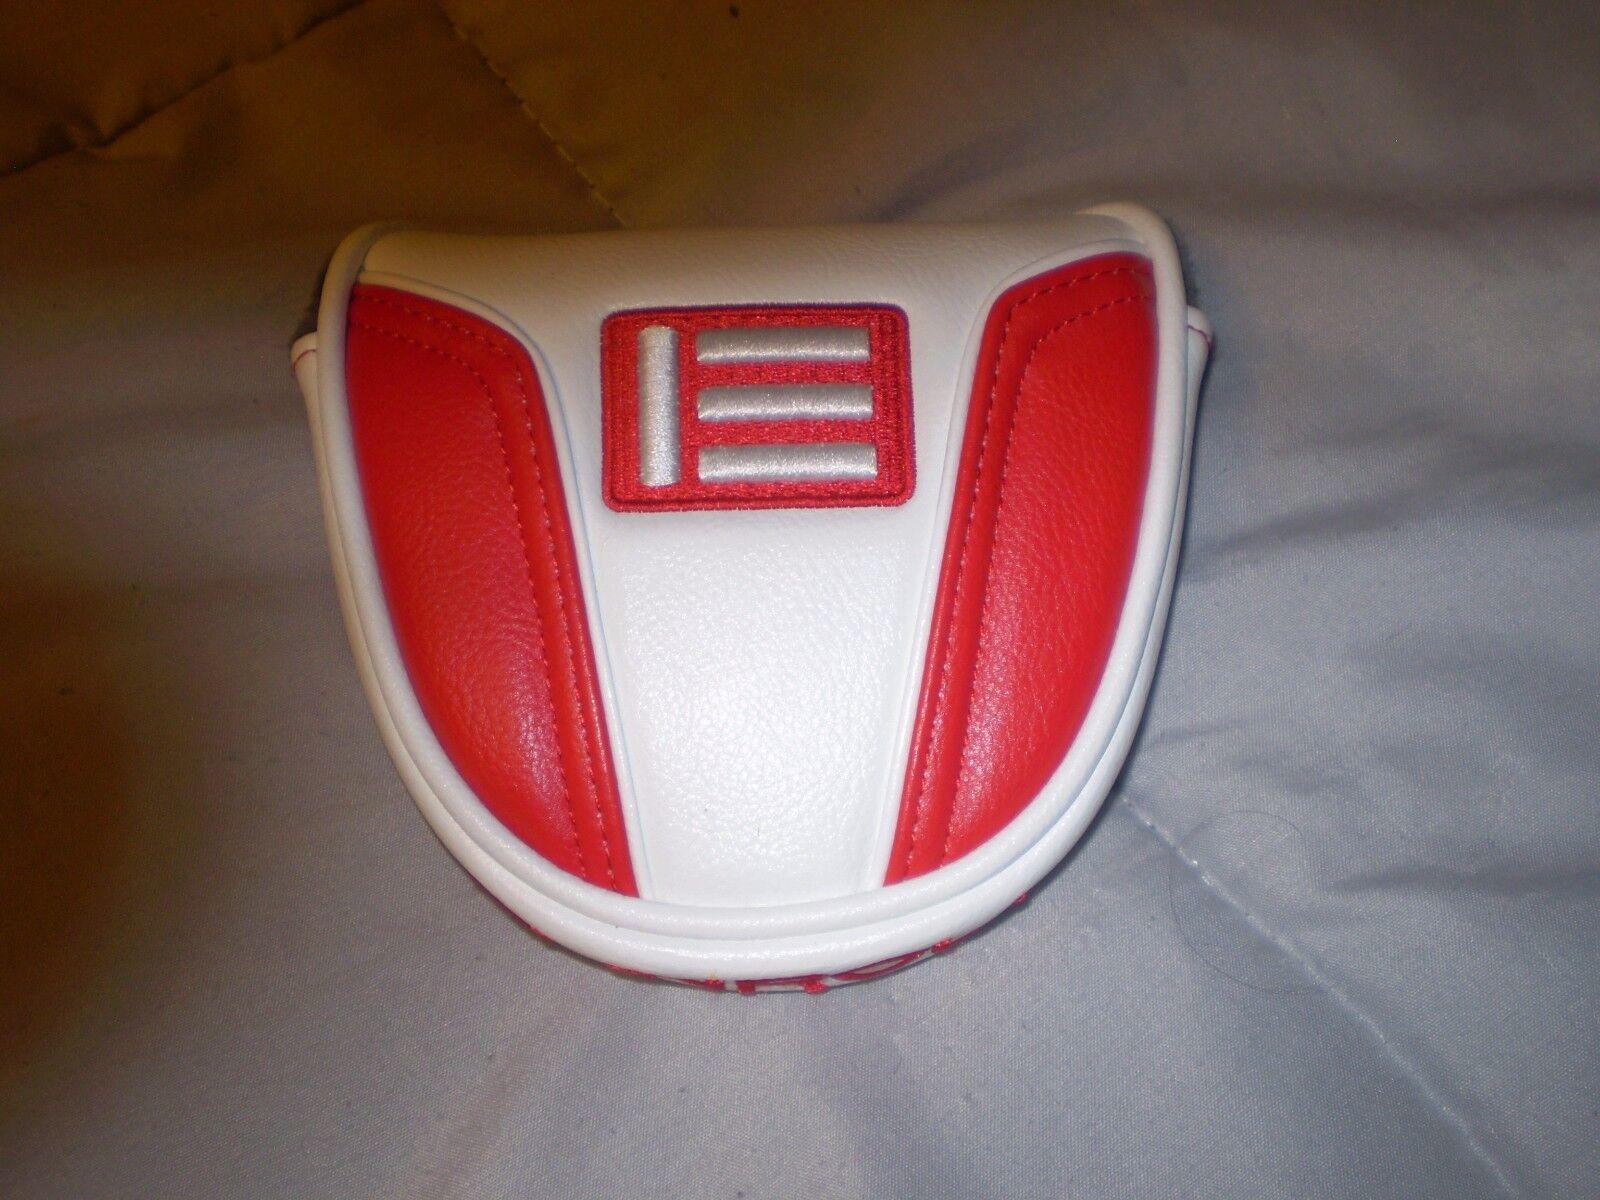 Evnroll Cubierta Putter Mazo Rojo y blancoo